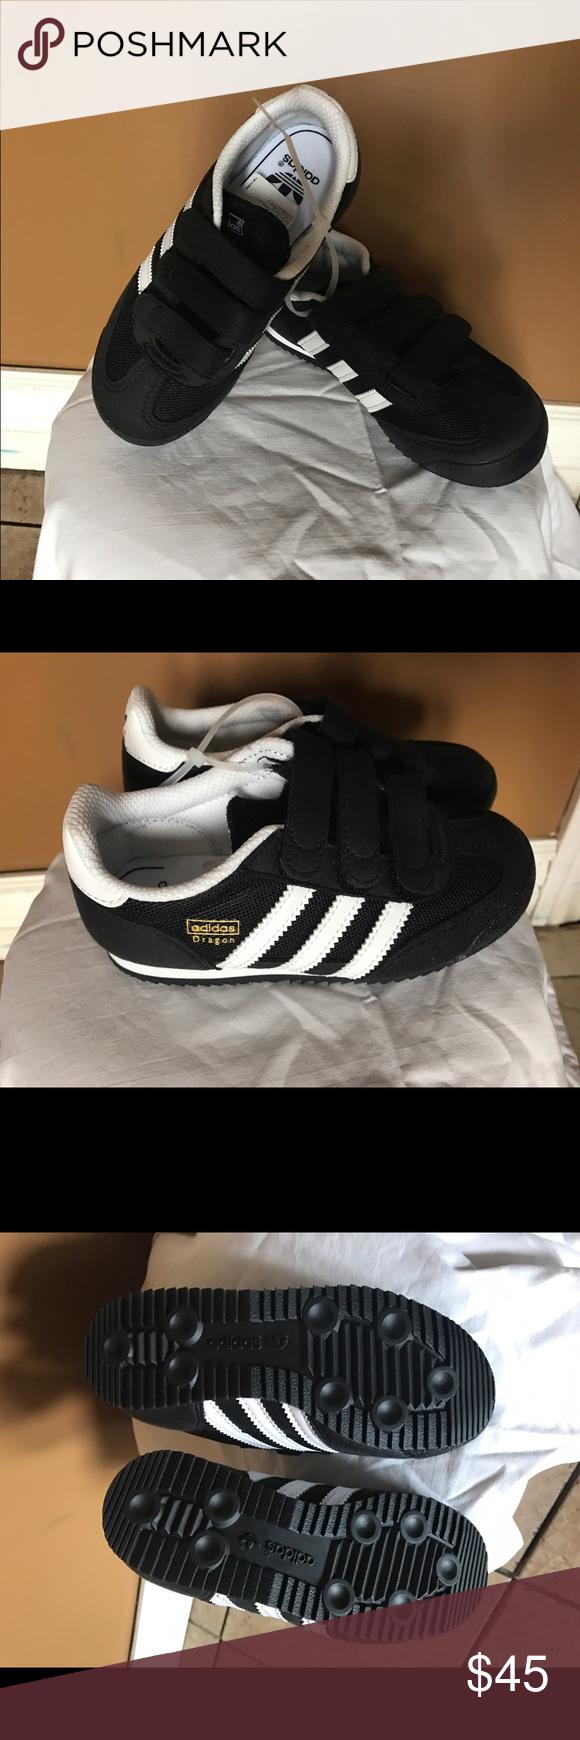 Adidas Adidas Drag Ó N Eccellente Condizione Nuova Di Zecca Con La Scatola,